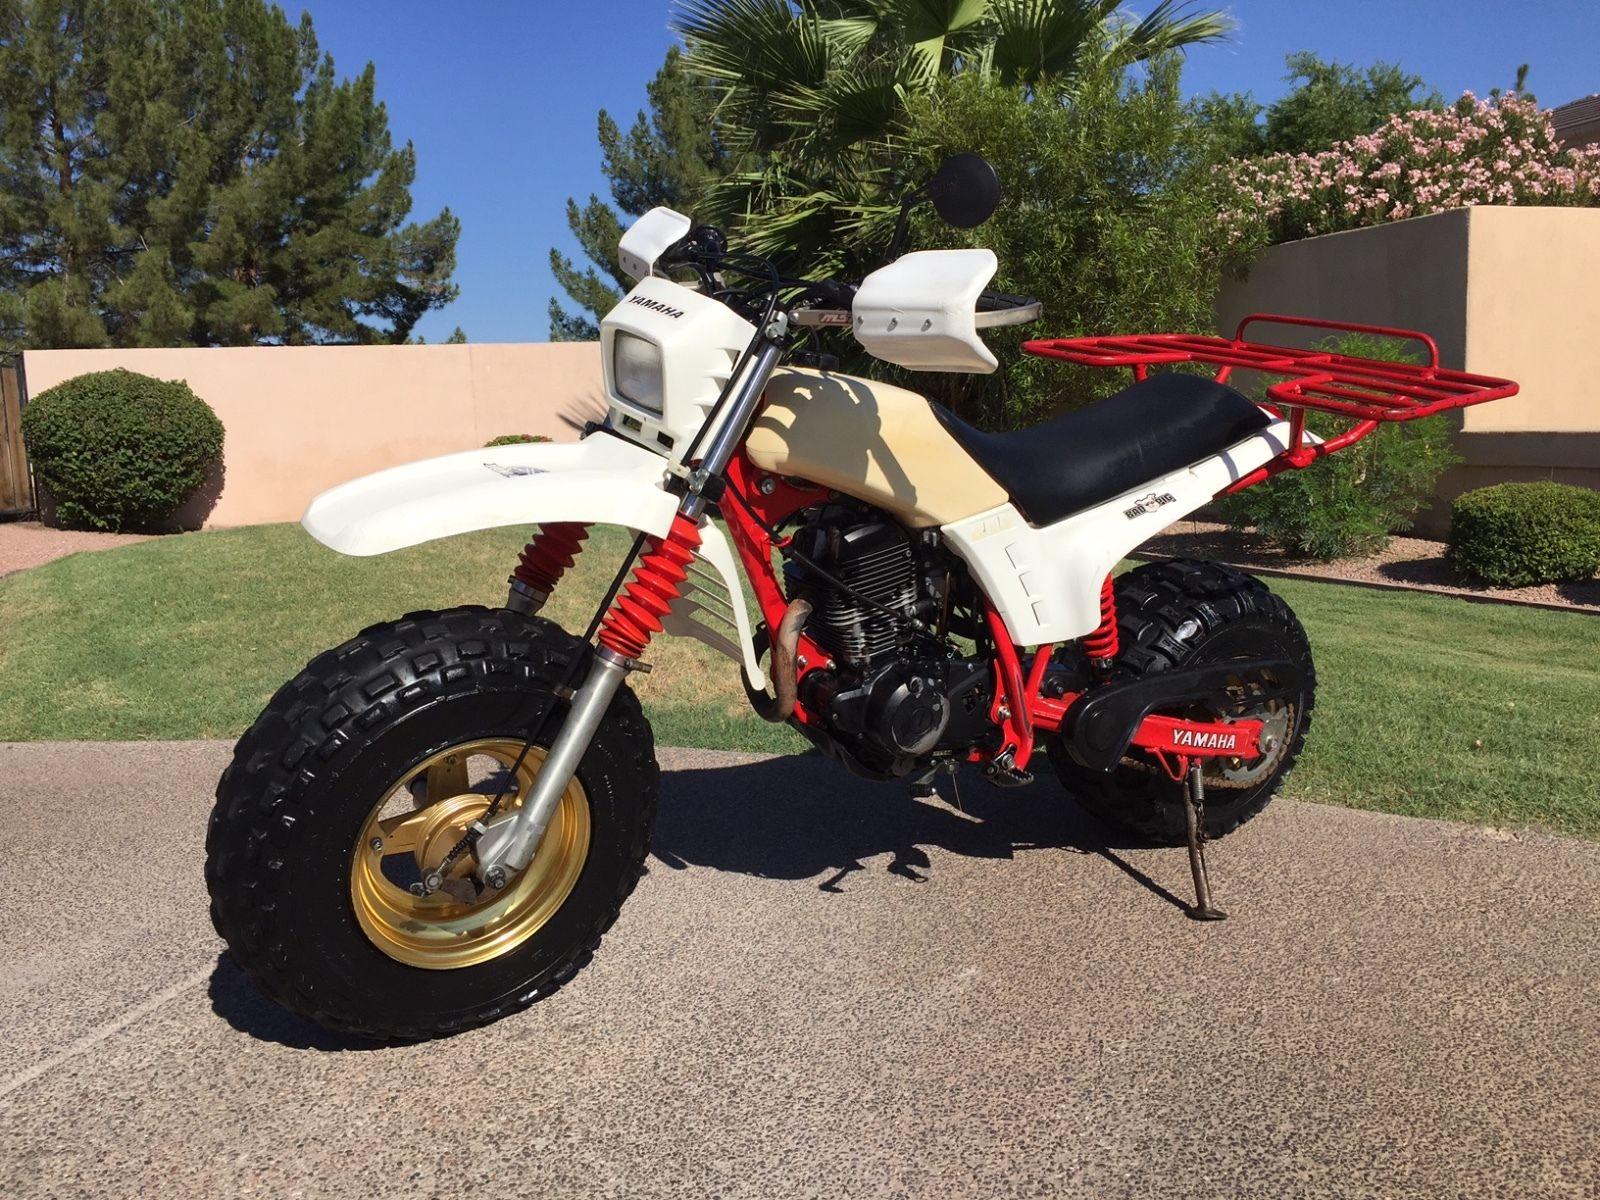 Yamaha Big Wheel Value